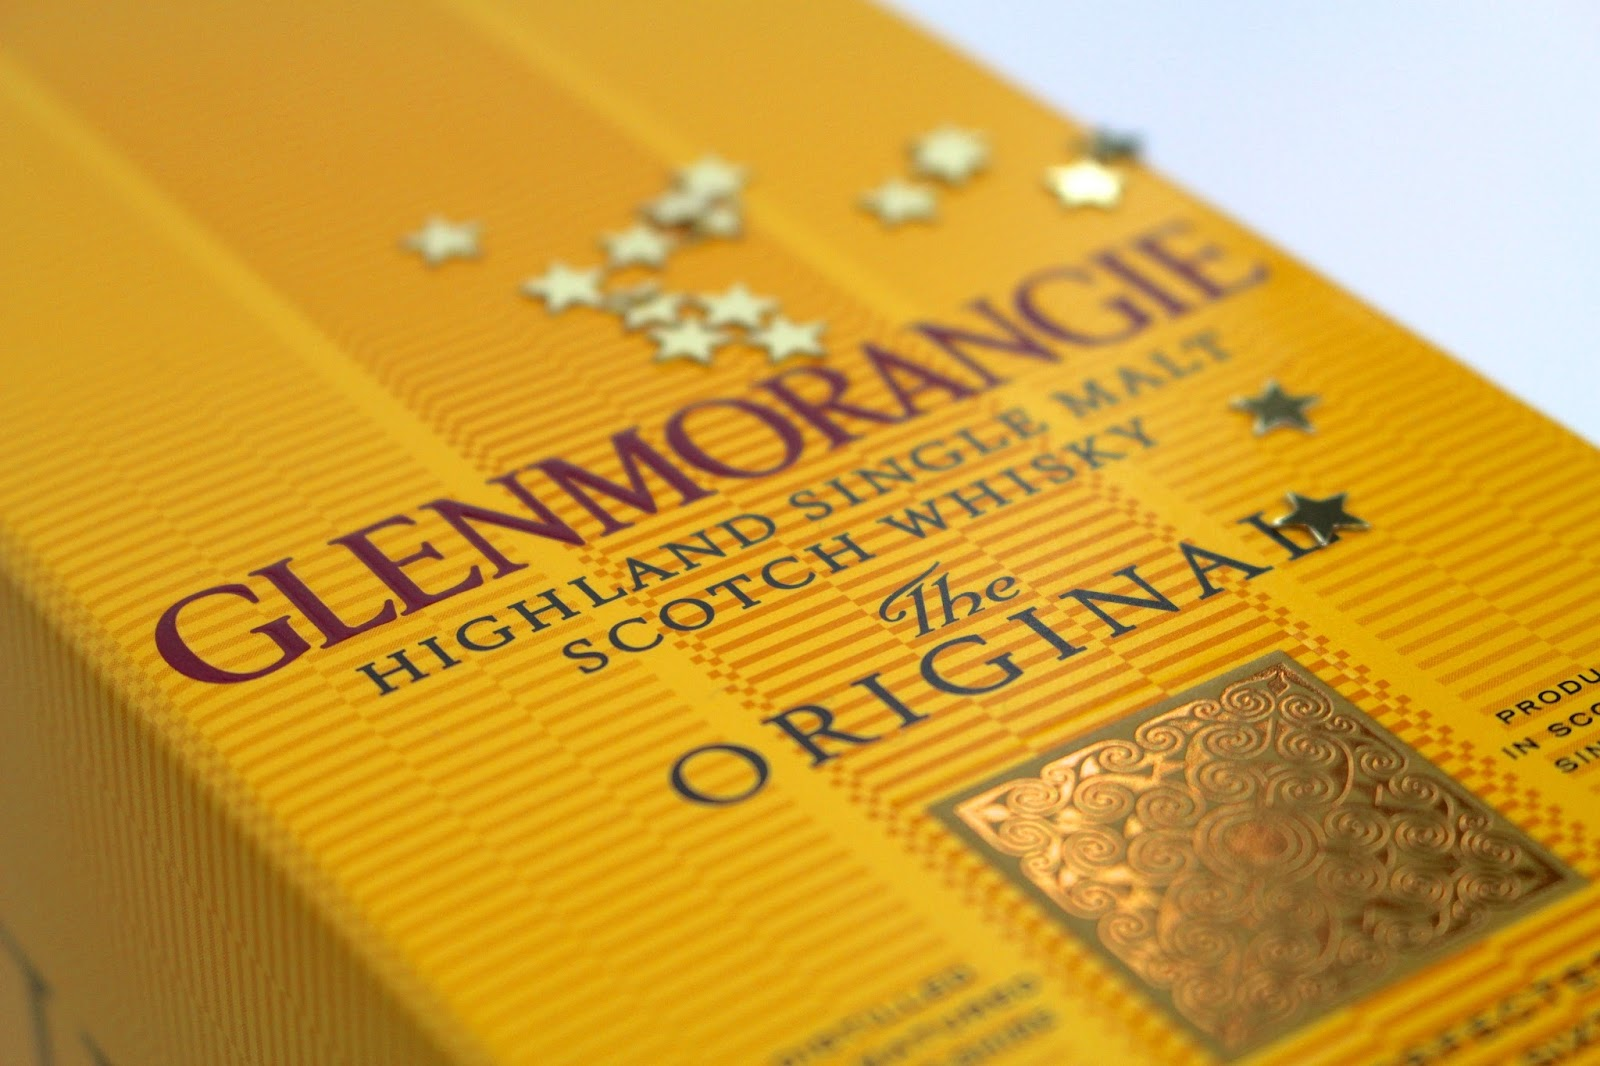 single malt scotch whisky gift